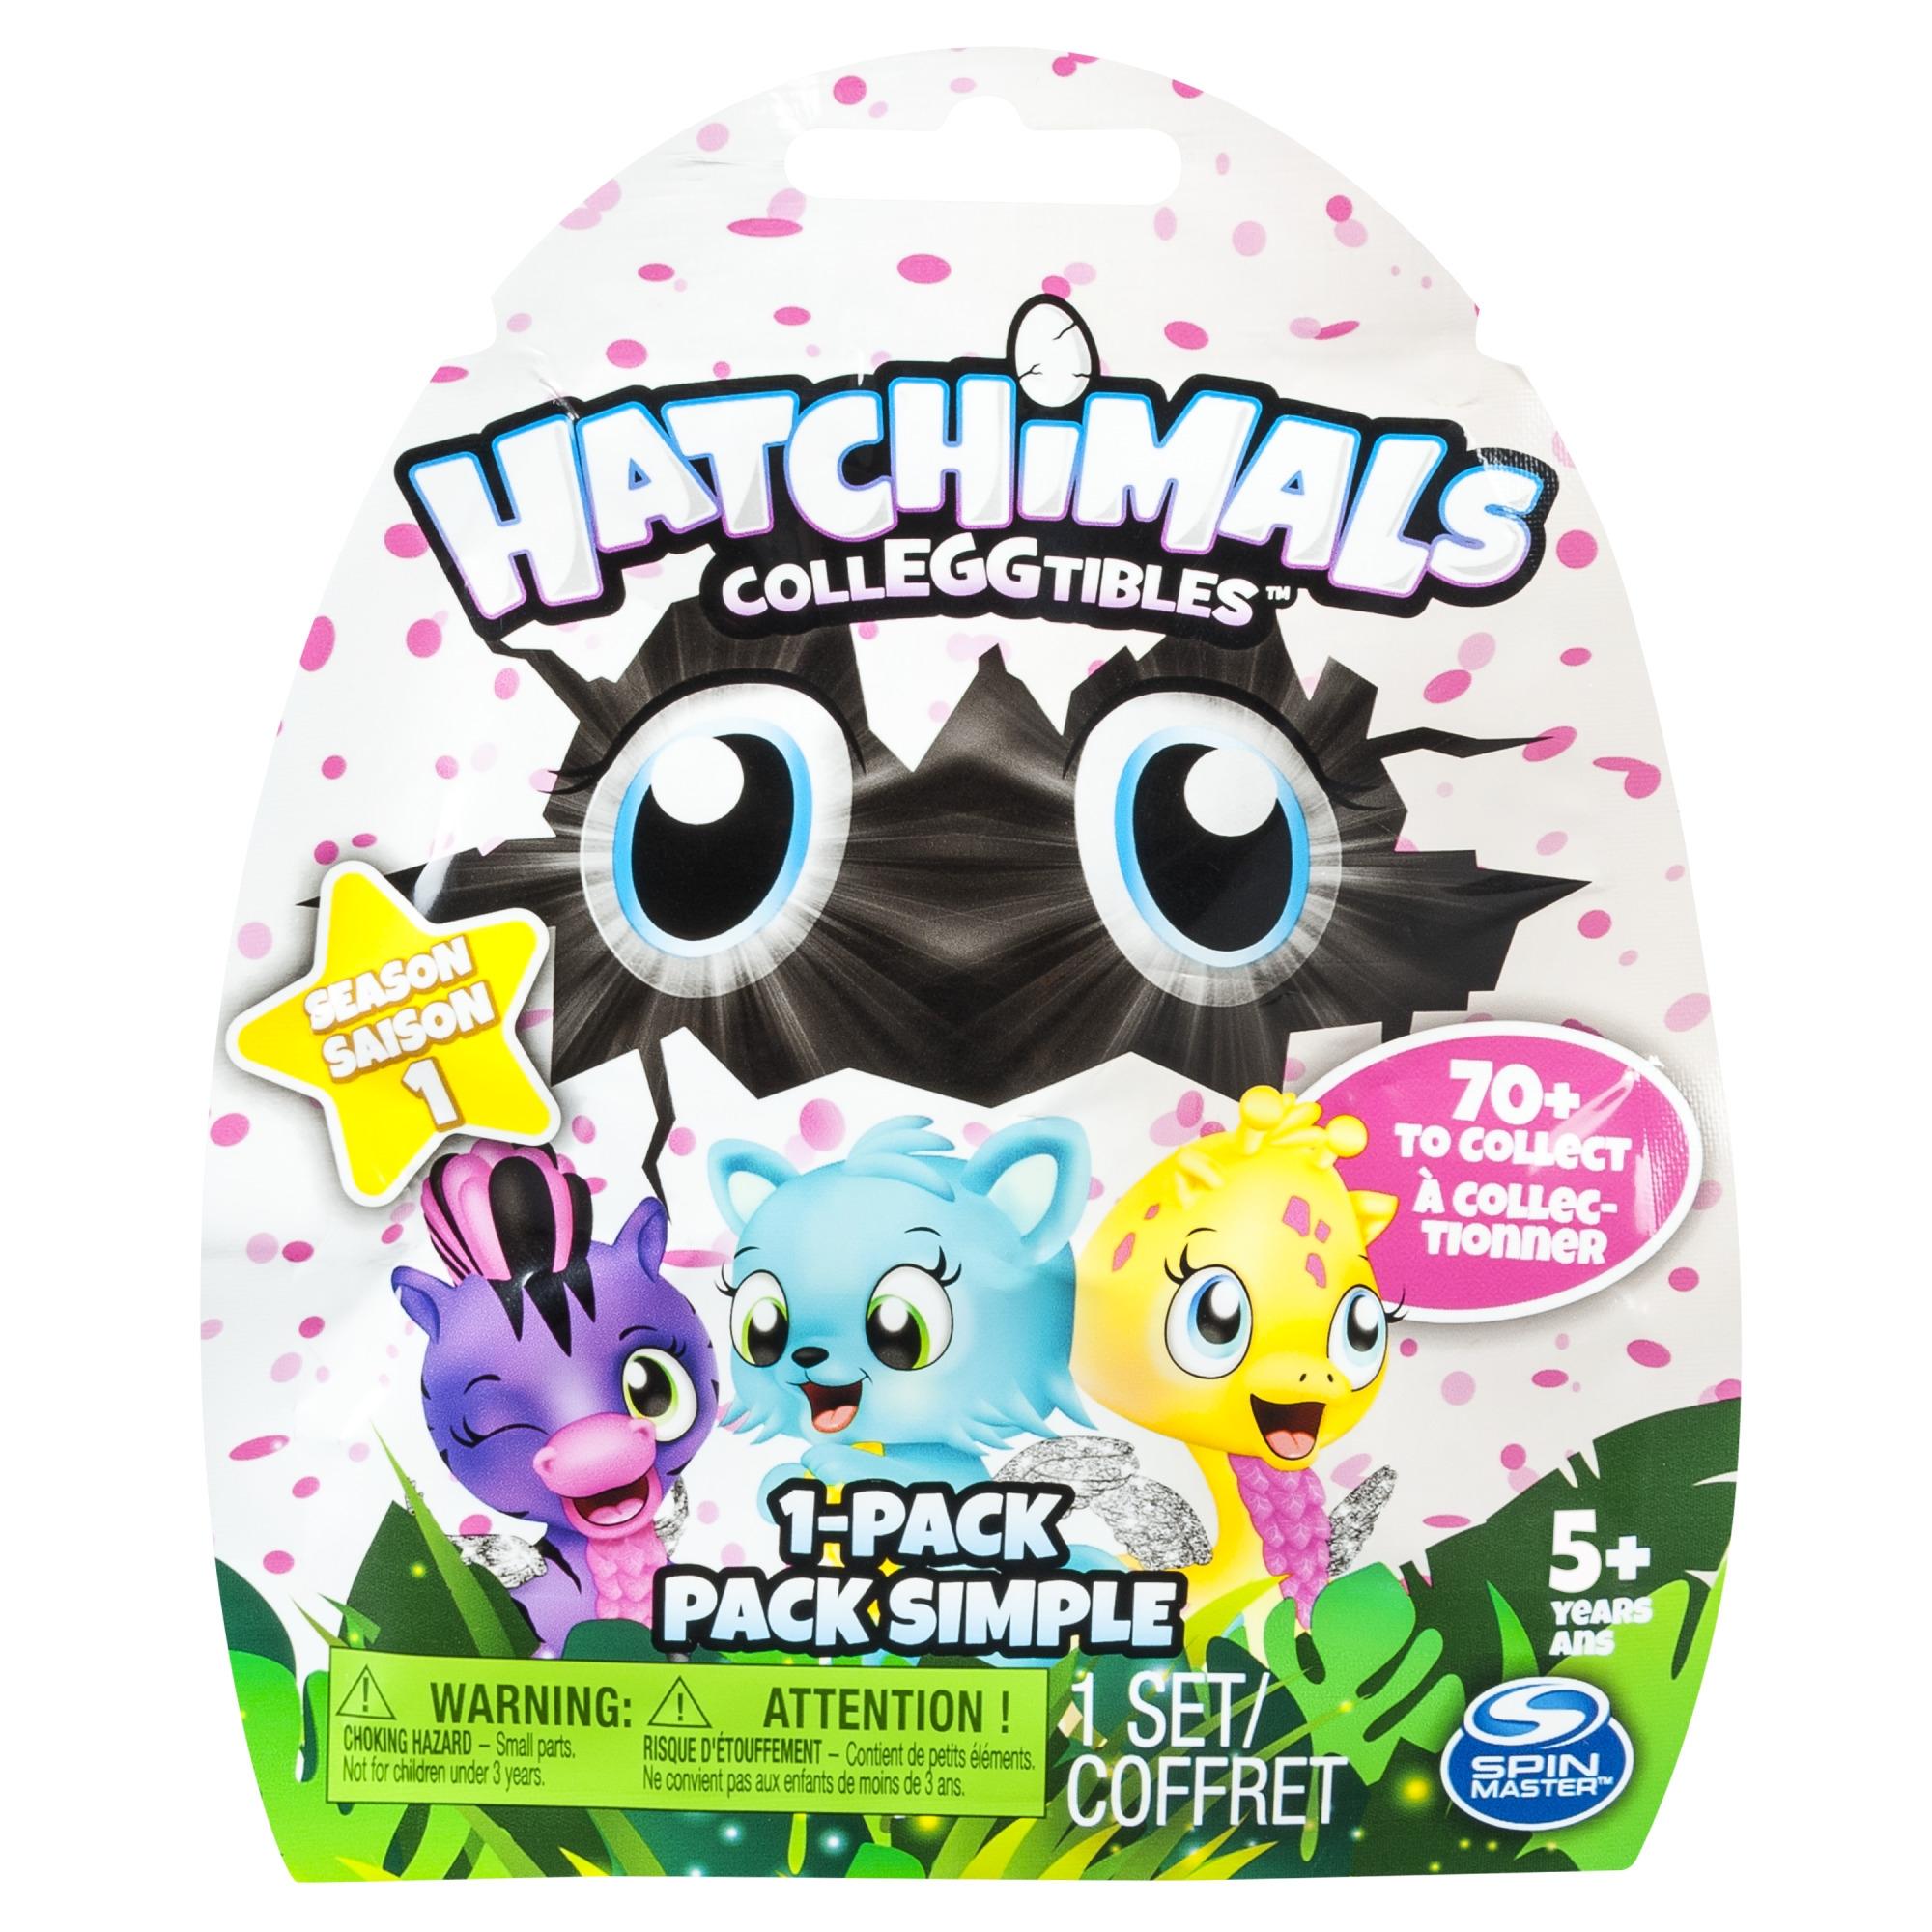 Фигурки животных Hatchimals Фигурка Hatchimals коллекционная 1 шт, в ассортименте фигурка для ребенка коллекционная simba зомби 2 шт в пакетике в ассортименте